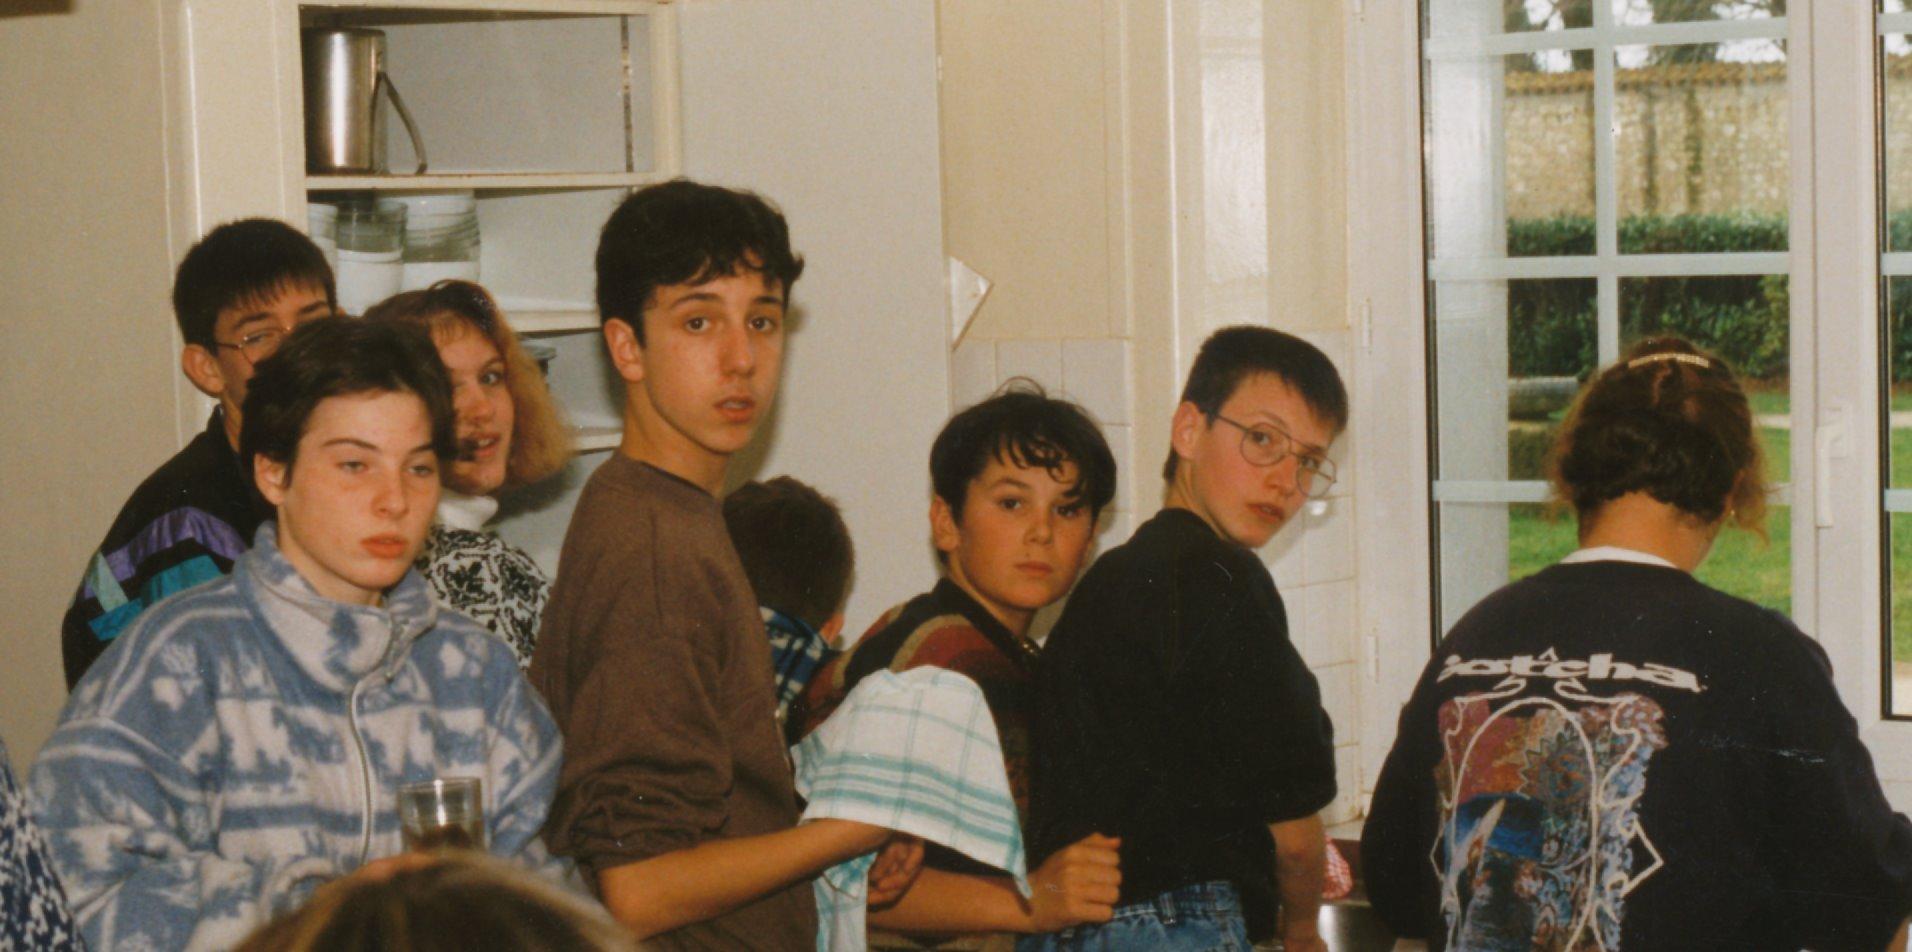 Archives anciens élèves mfr puy-sec 1995 (4)